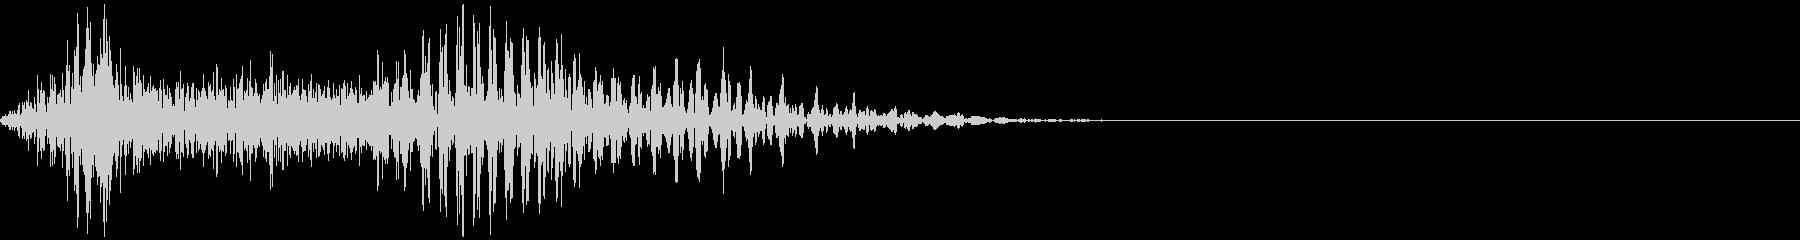 「ツモ」 麻雀ゲームのシステムボイスにの未再生の波形